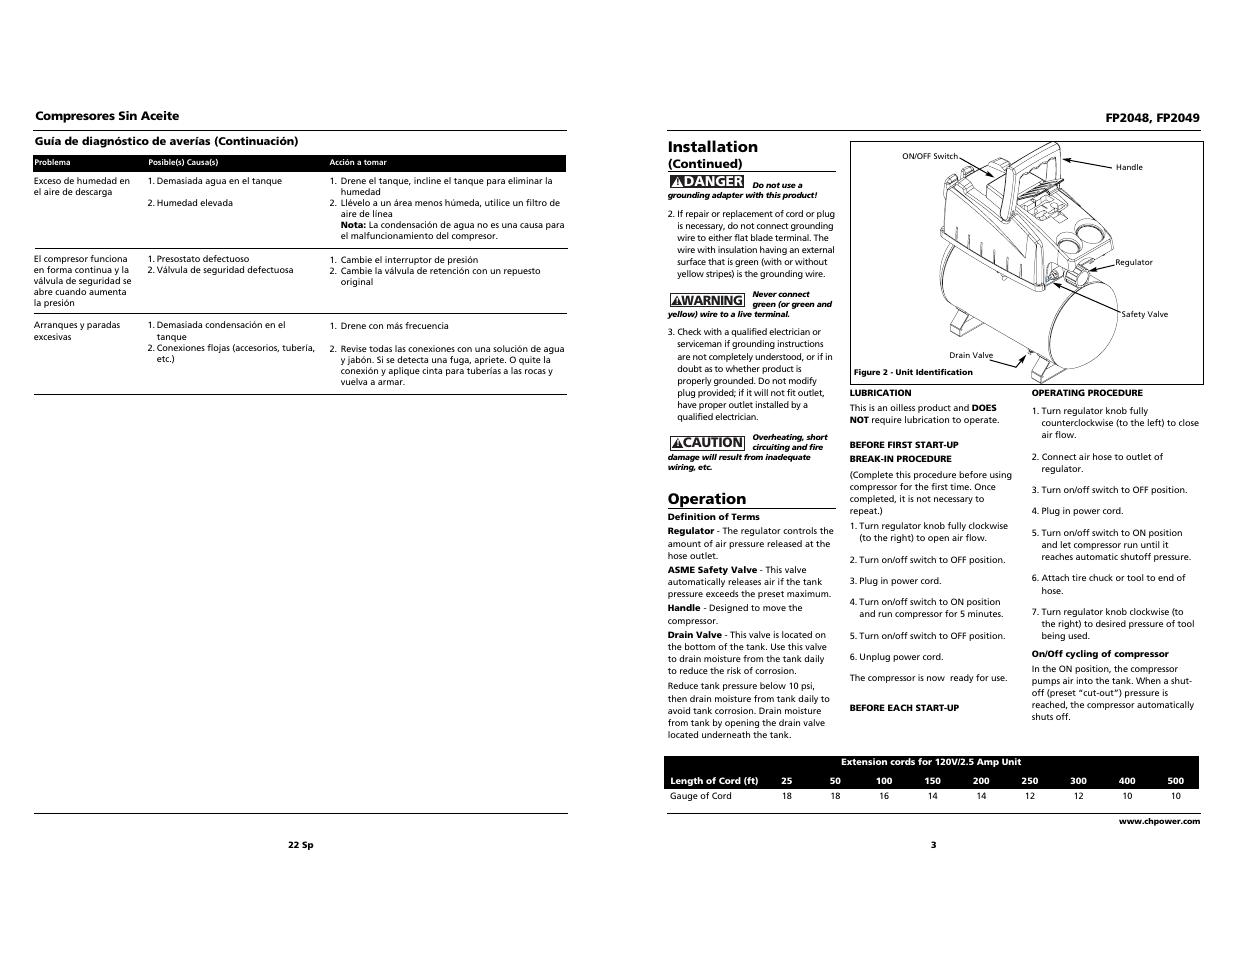 installation operation campbell hausfeld fp2049 user manual rh manualsdir com Installation Guide Installation Guide